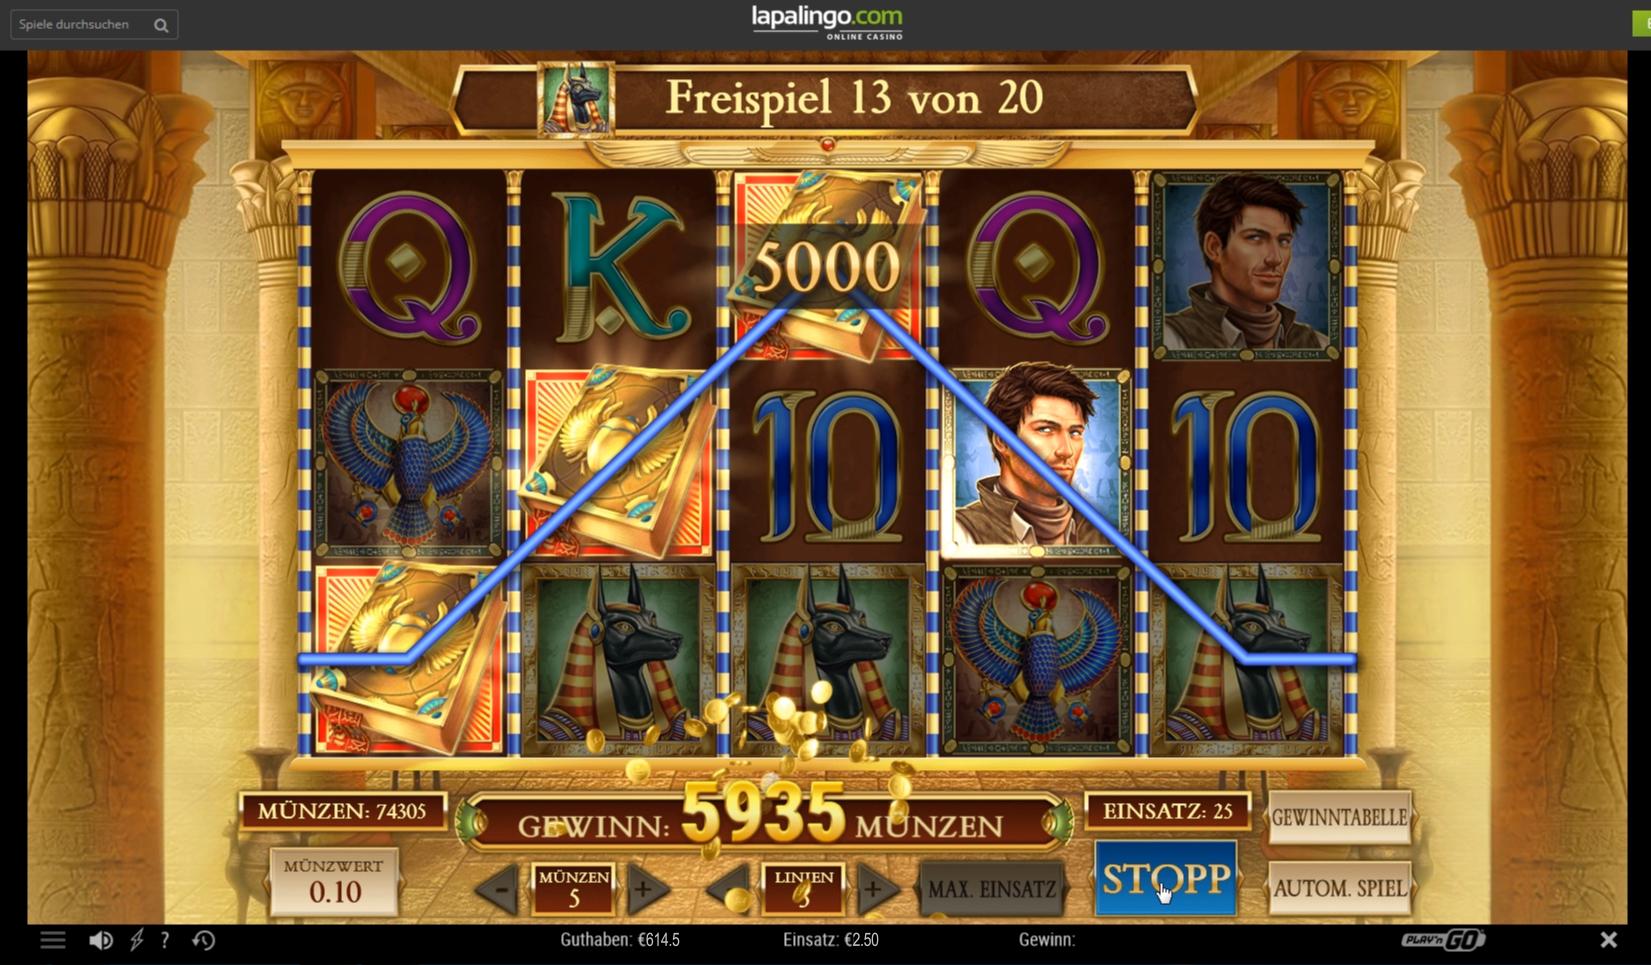 Big win casino играть казино онлайн с моментальным выводом денег рубли